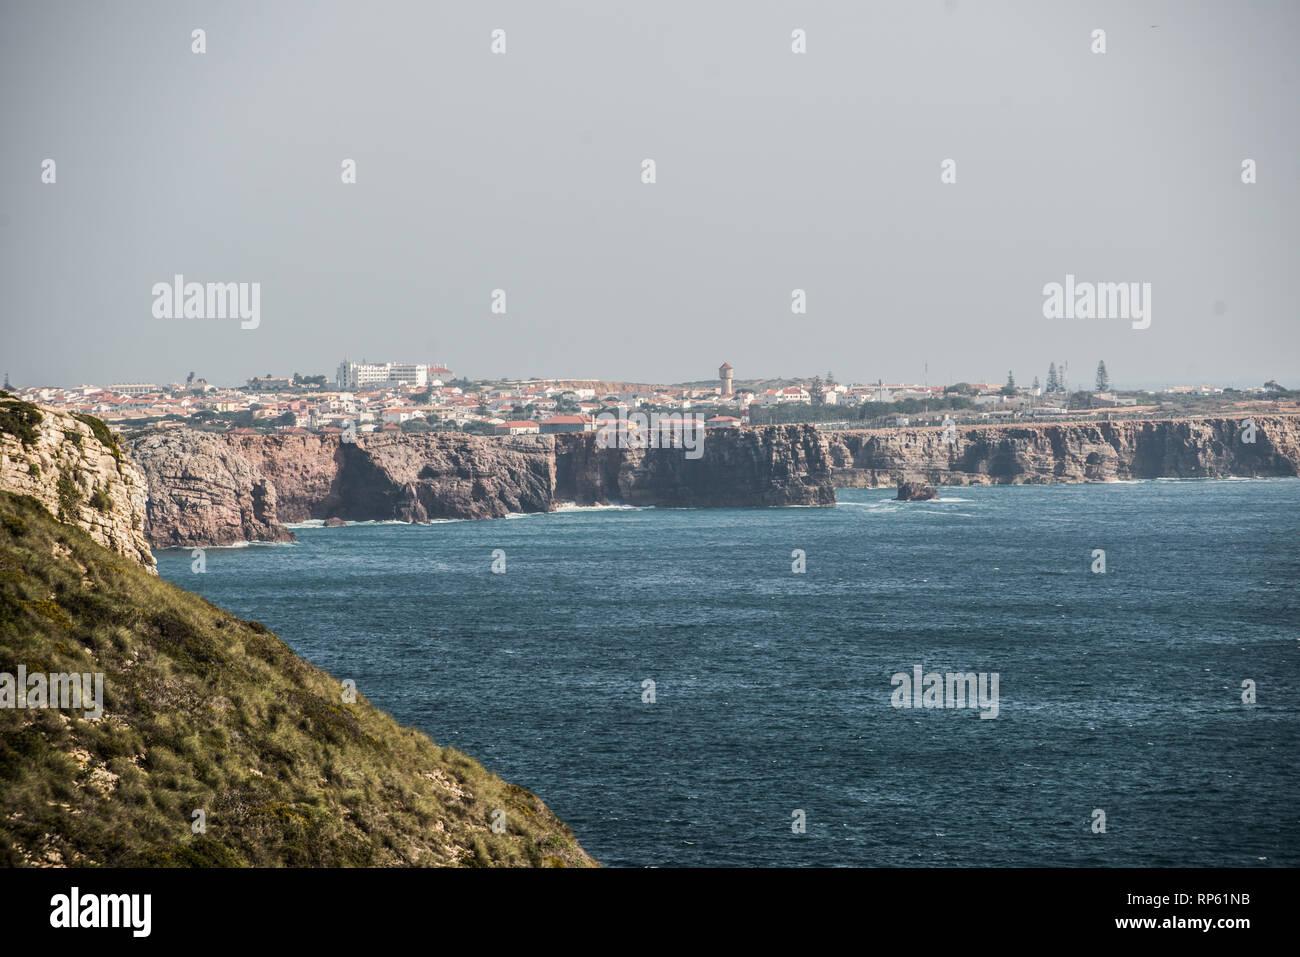 Sagres, Algarve, Portugal, February 2019 - Stock Image